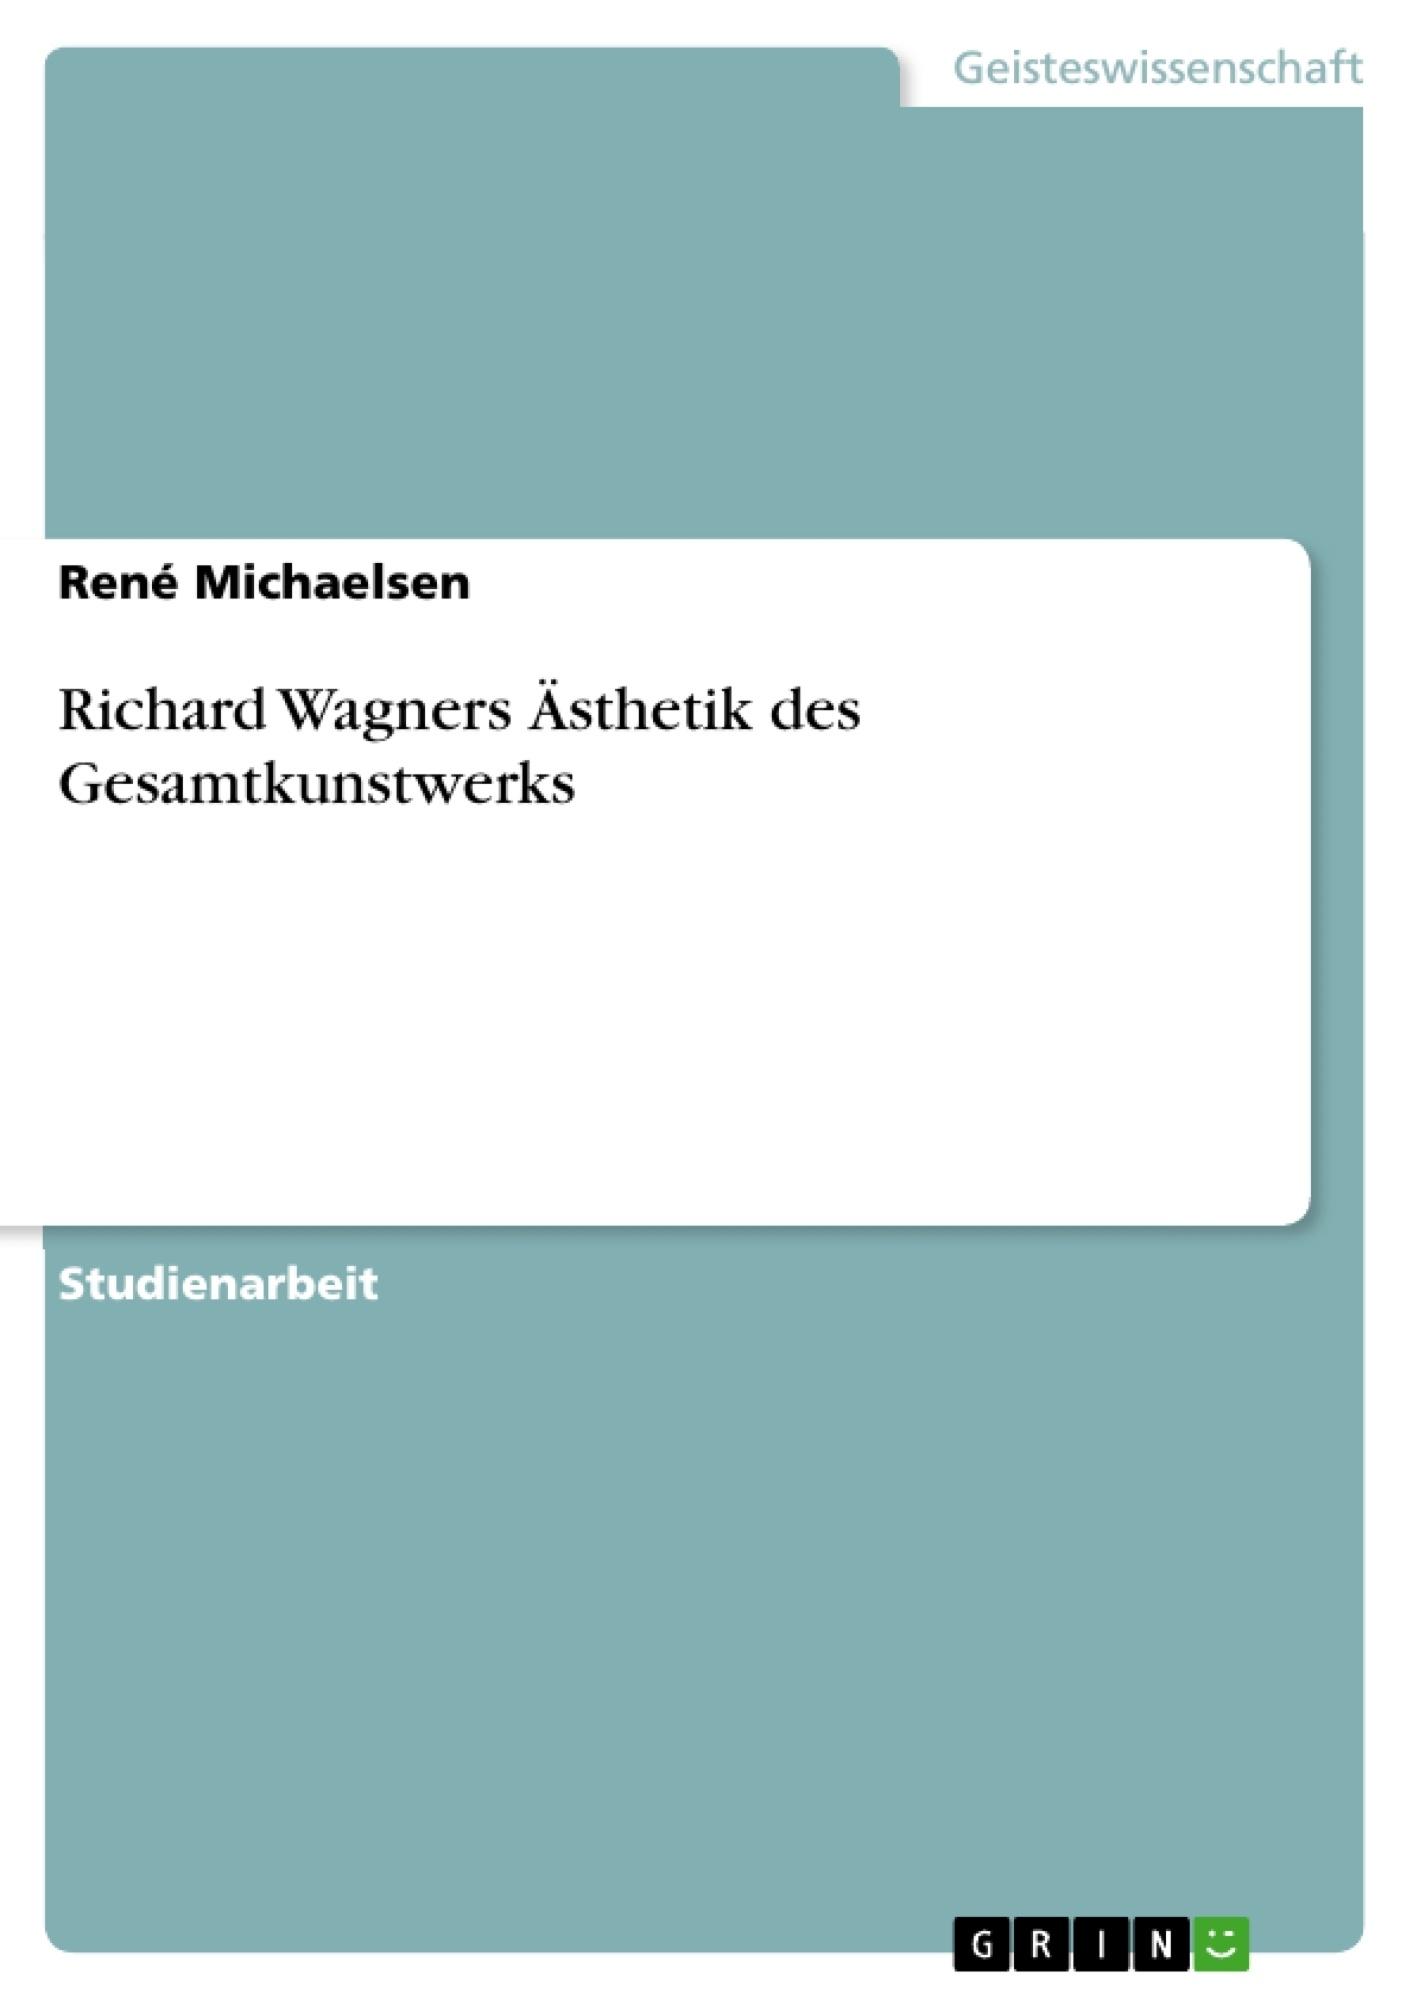 Titel: Richard Wagners Ästhetik des Gesamtkunstwerks